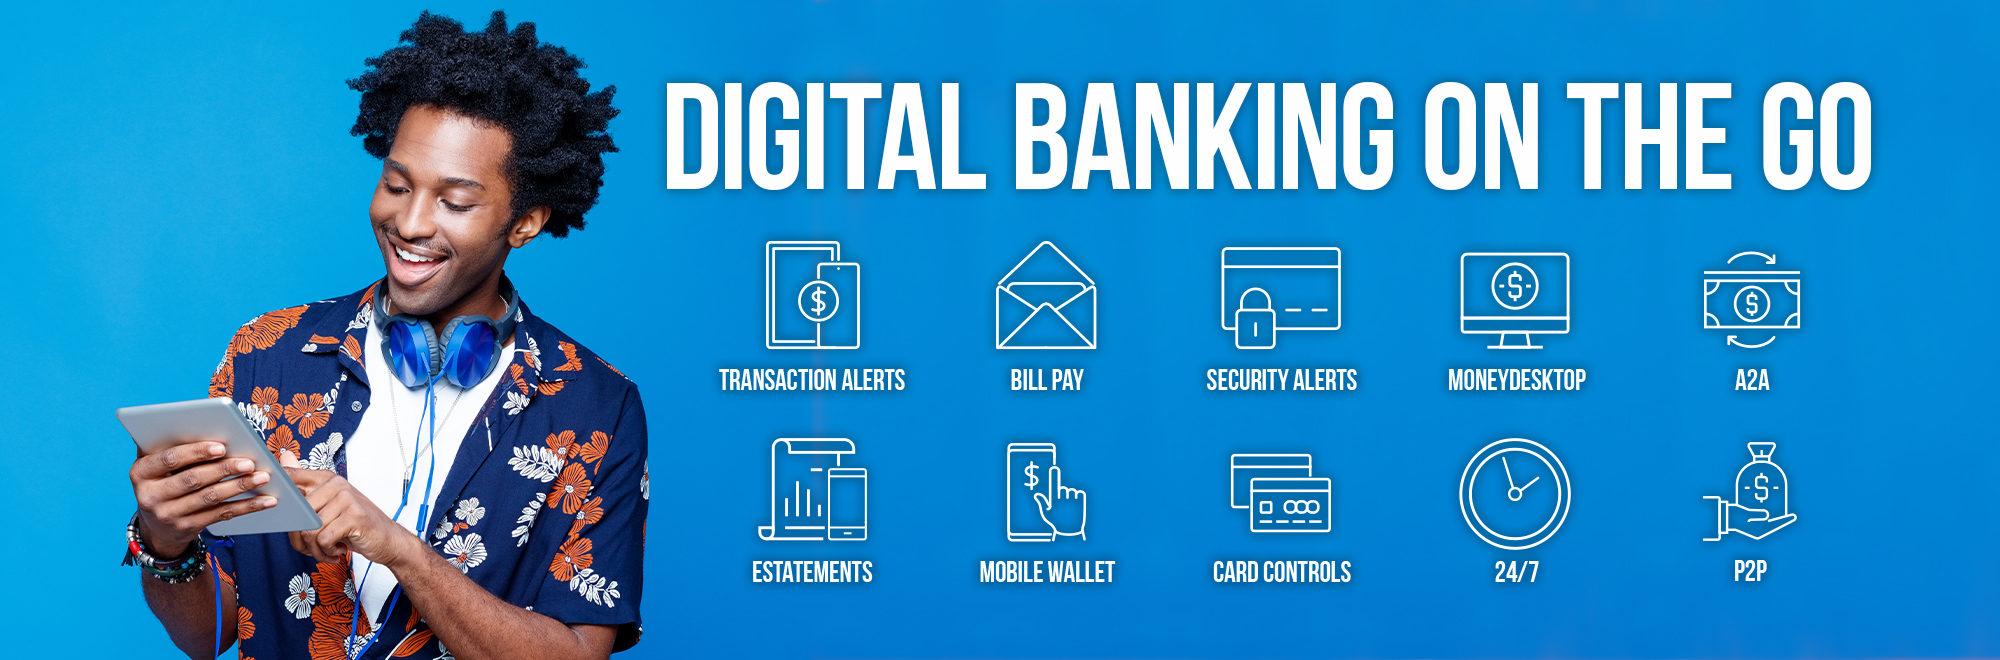 2020 Digital Banking – Man